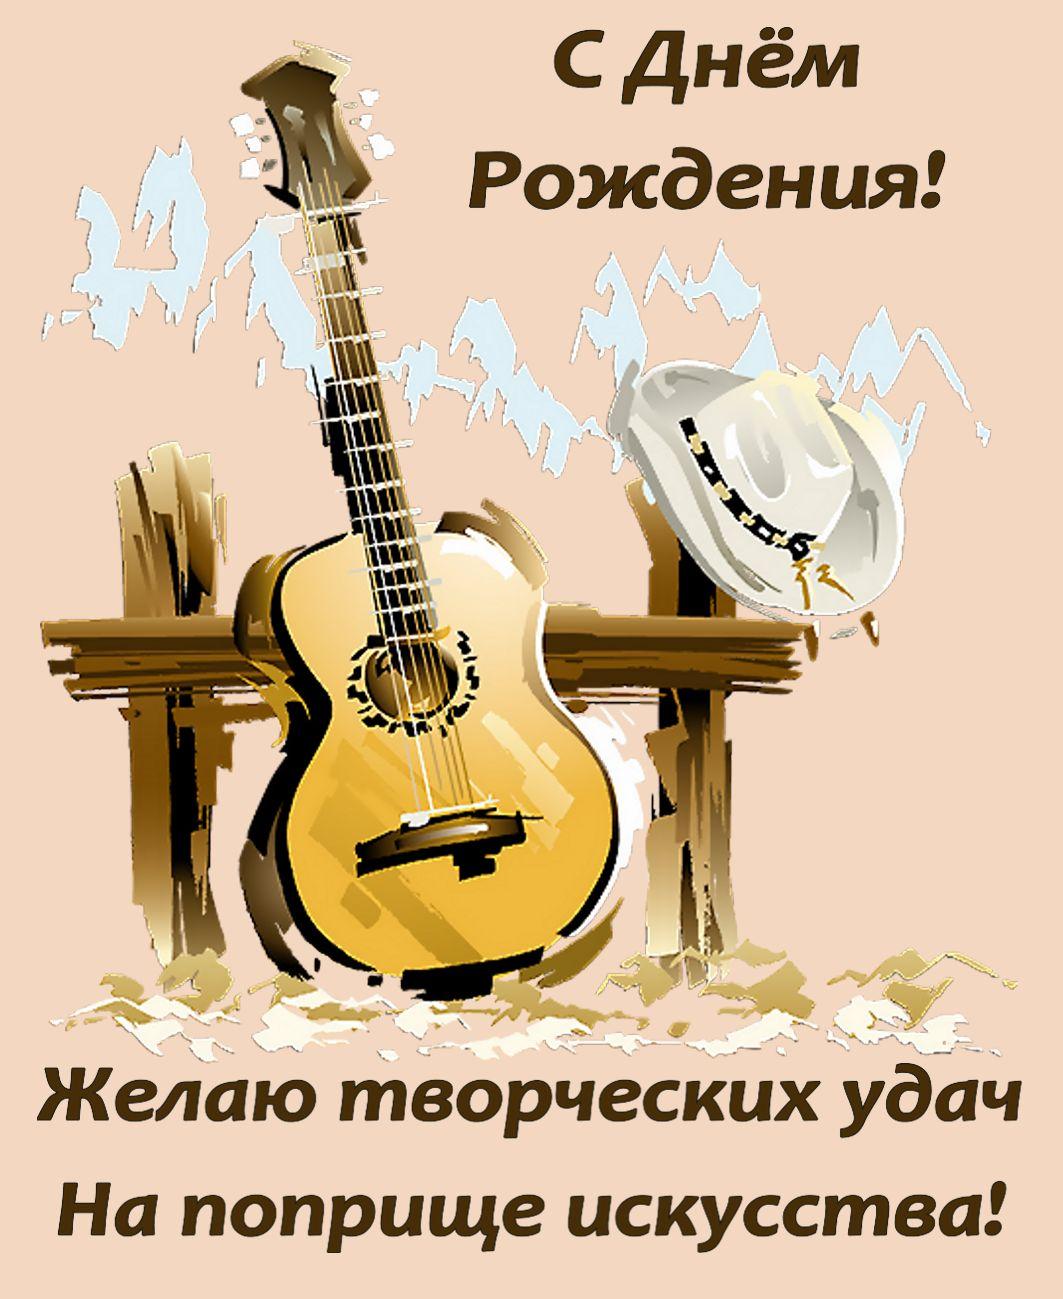 Музыкальное сопровождение к поздравление с днем рождения